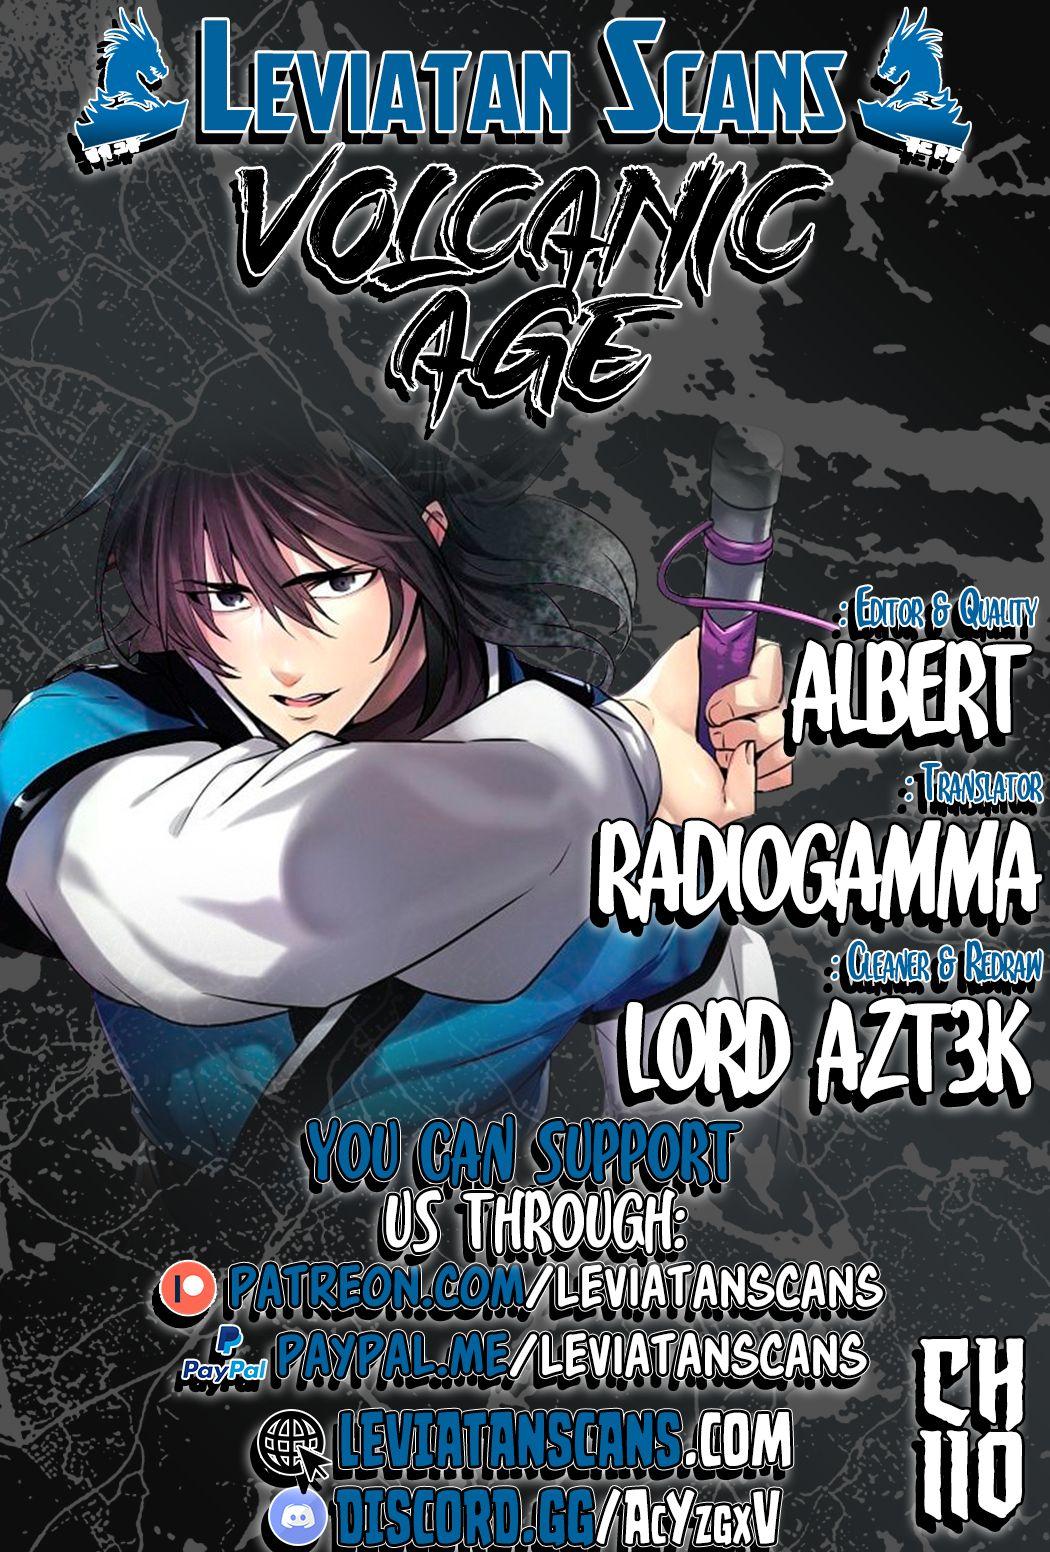 https://manga.mangadogs.com/comics/pic2/2/20226/952150/ae07b023cedeb4e2640cc901d4b50ad8.jpg Page 1